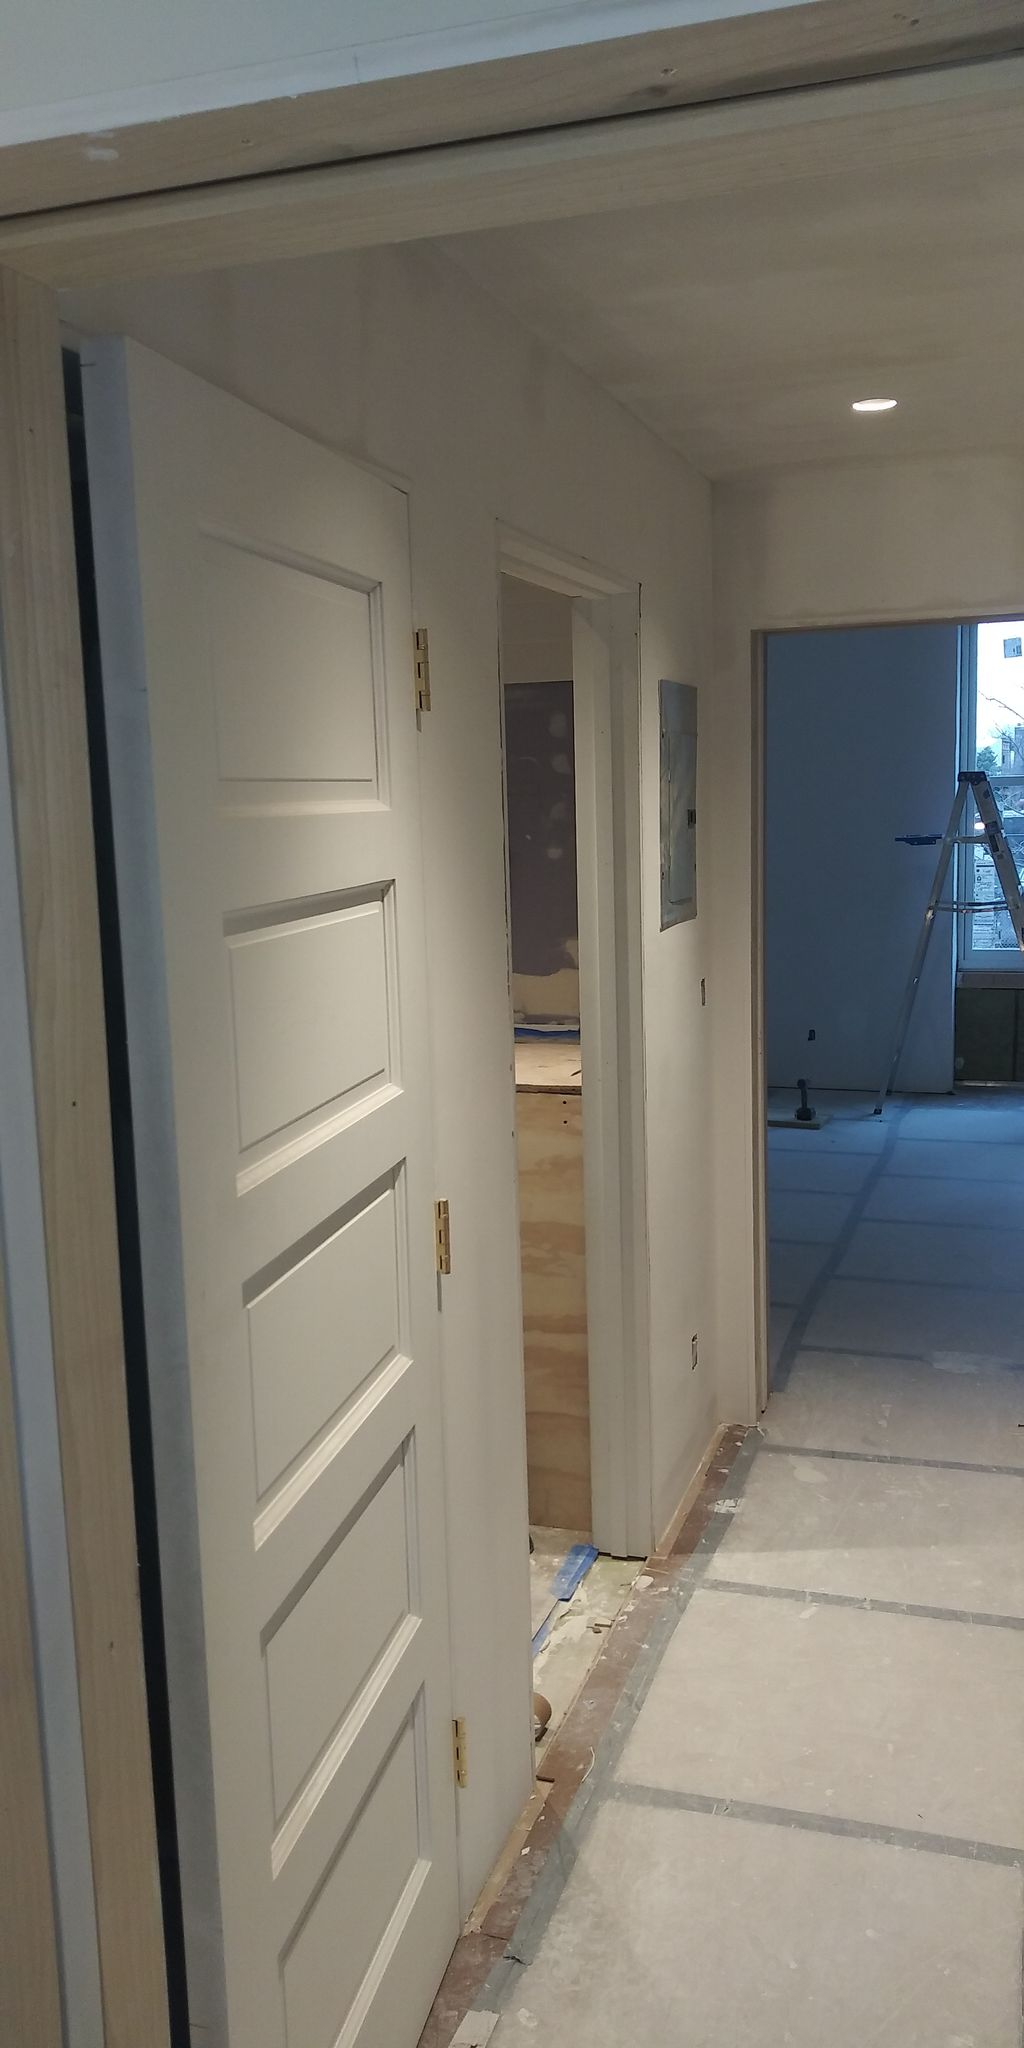 Interior skim coating